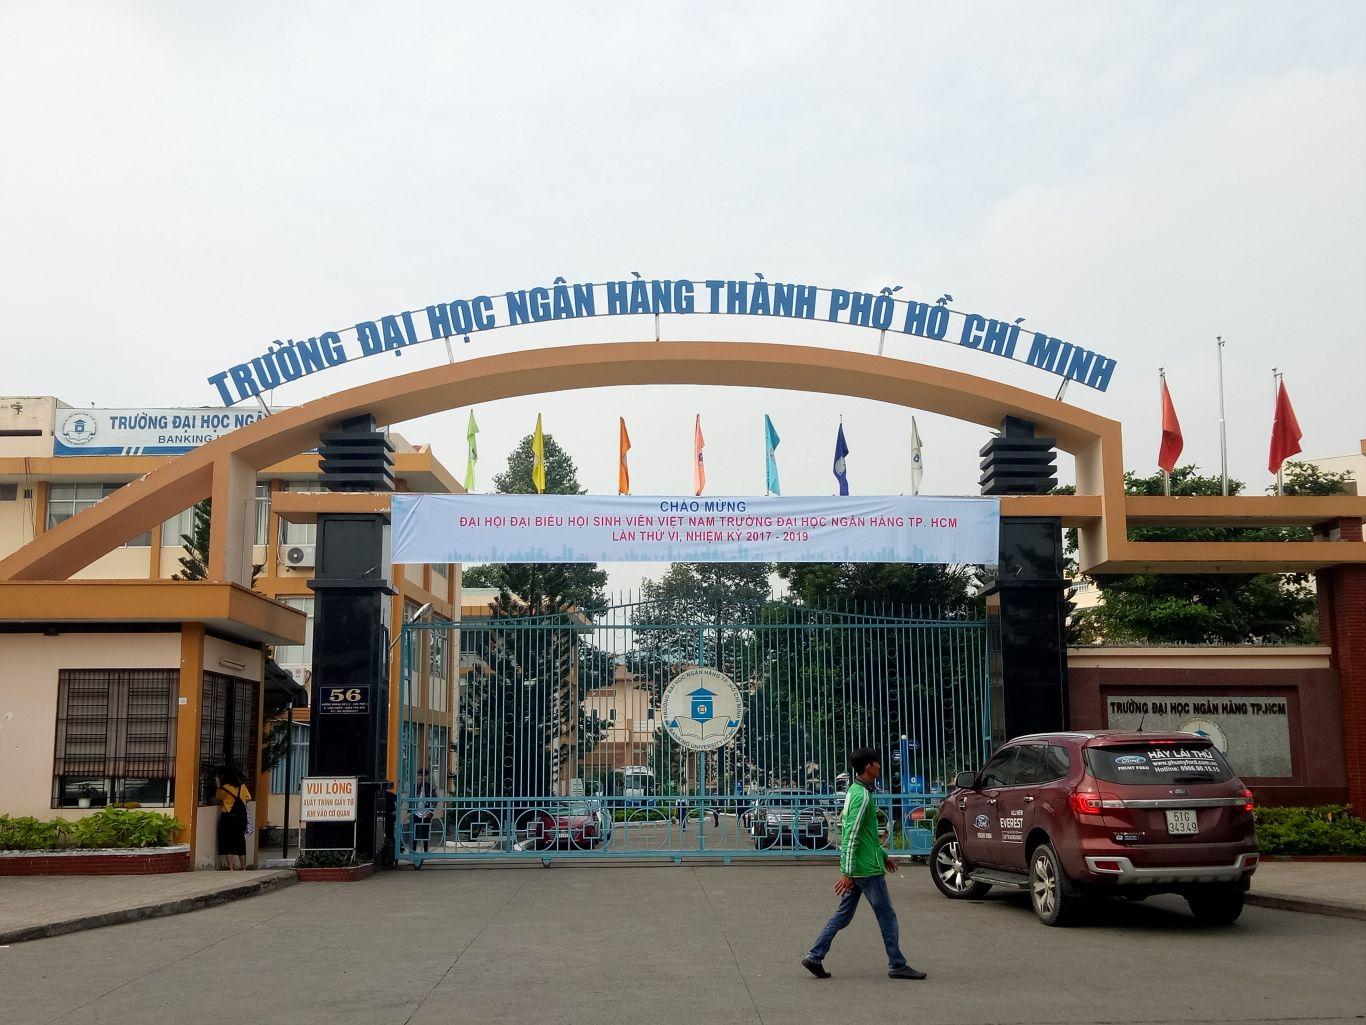 Trường Đại Học Ngân Hàng